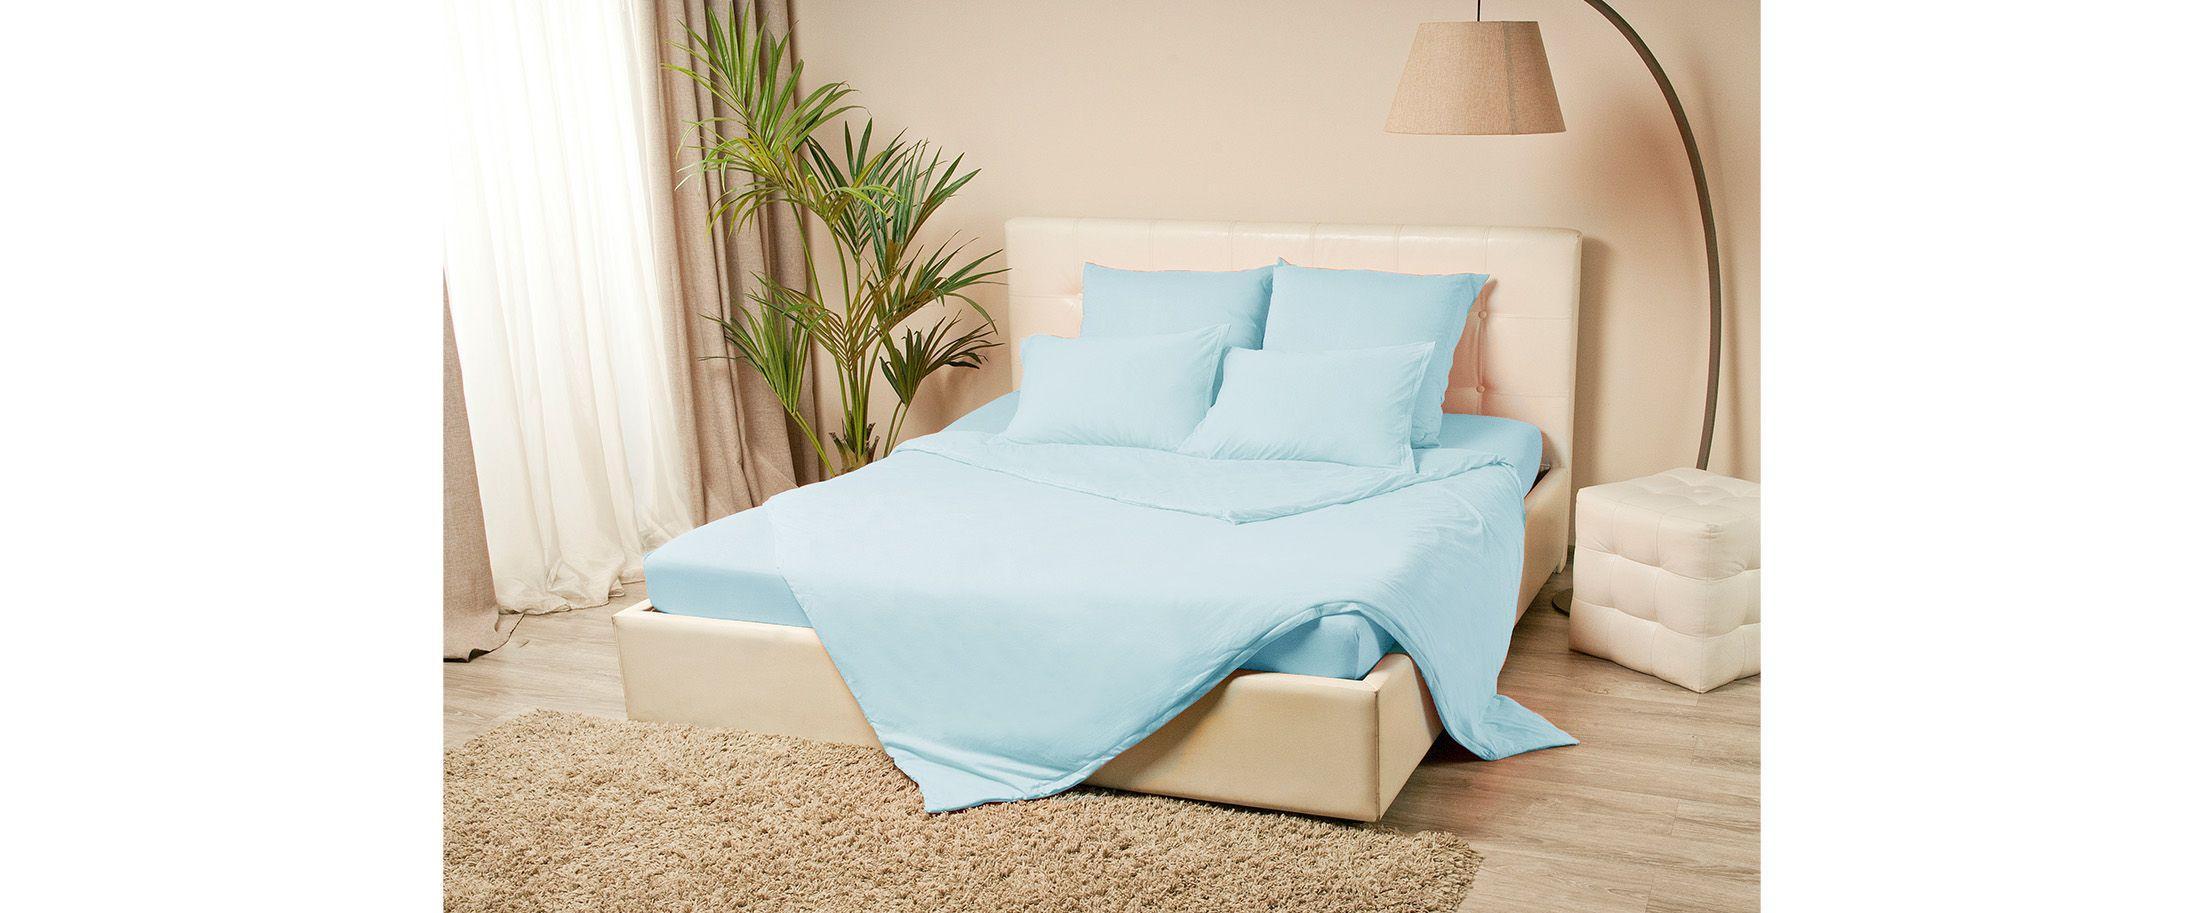 Простыня трикотажная на резинке 160х200 голубого цвета Violett Модель 4000